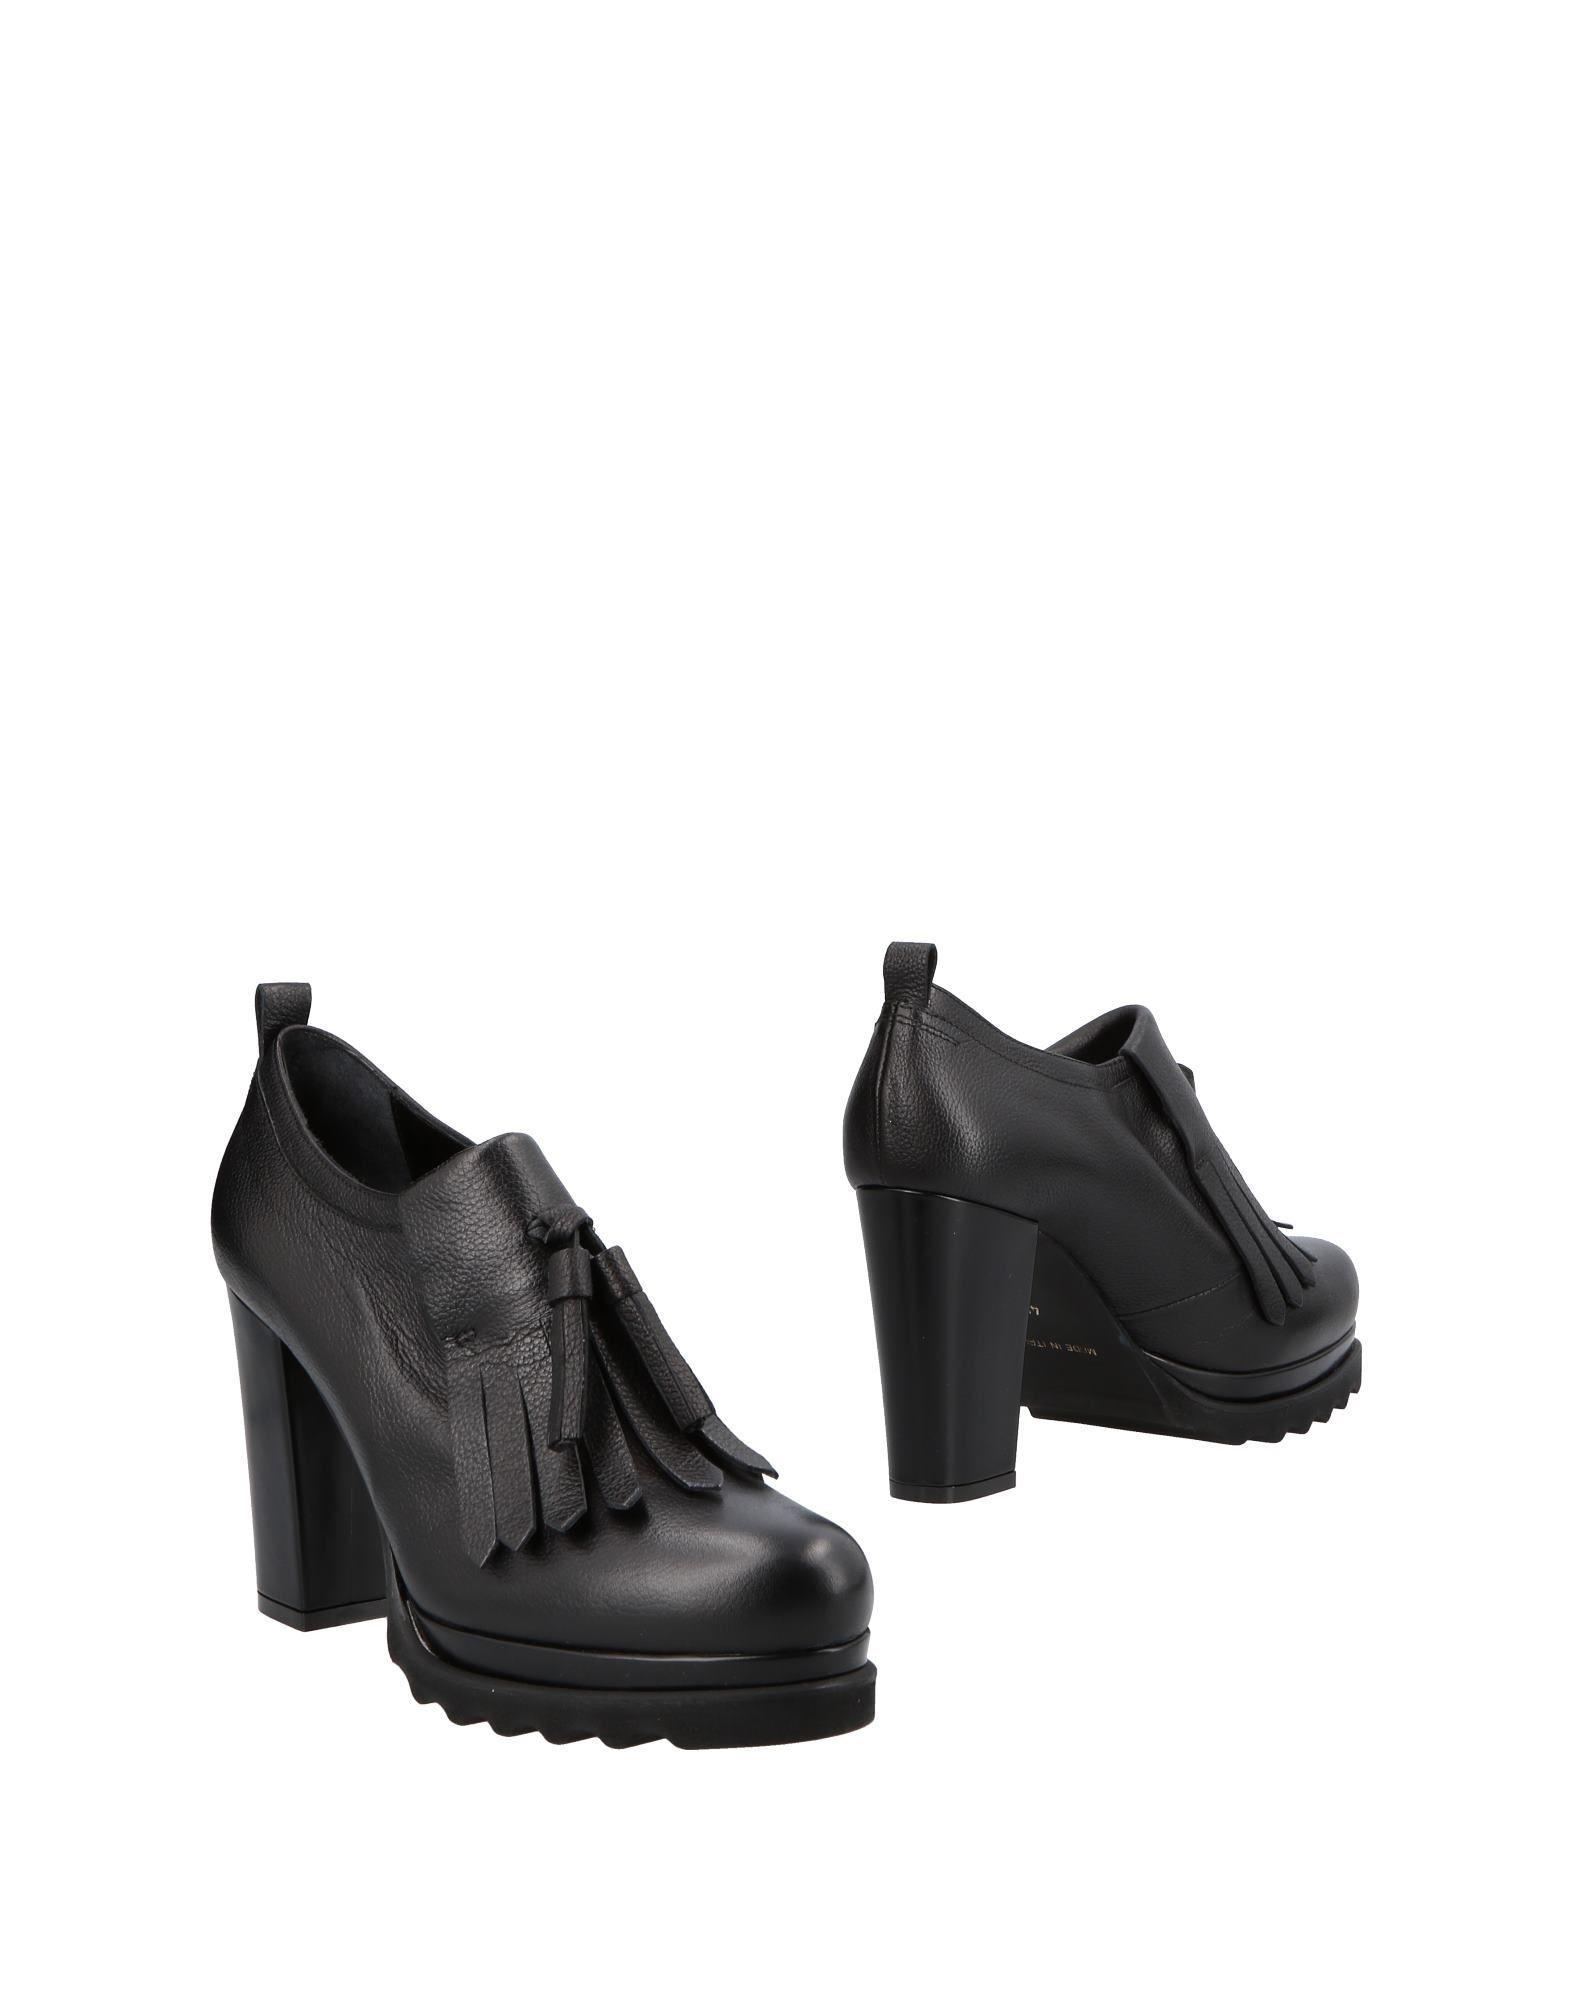 Sergio Cimadamore Stiefelette Damen 11494796WQ Gute Qualität beliebte Schuhe